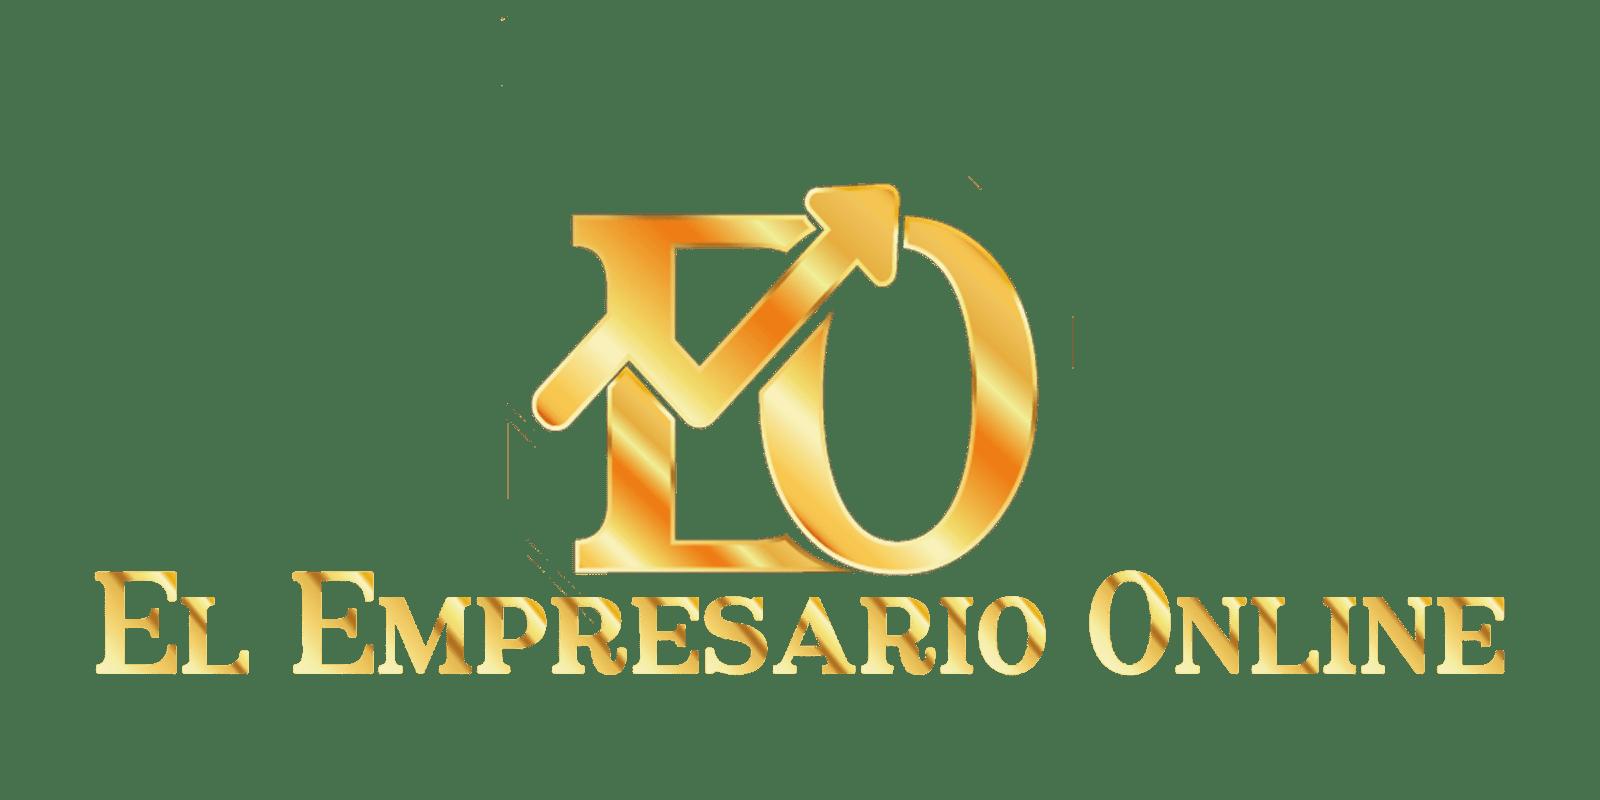 El Empresario Online